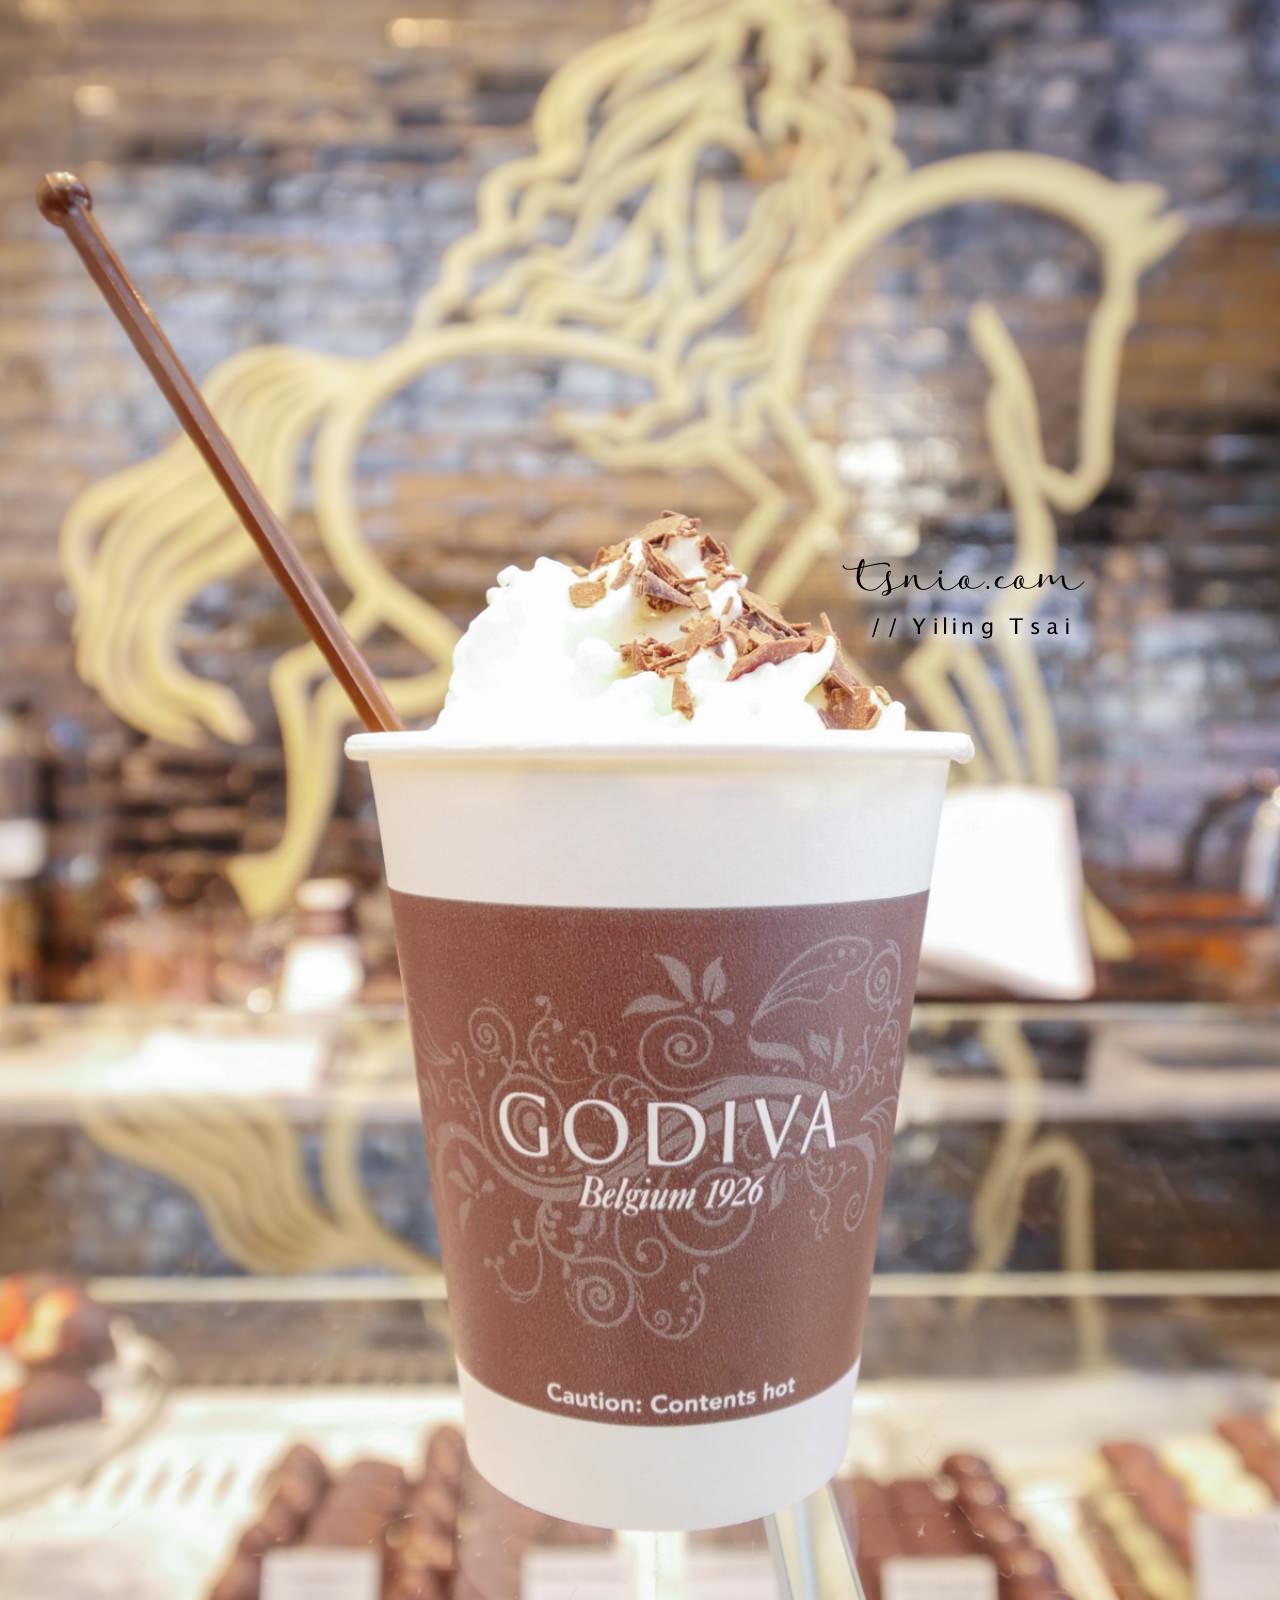 比利時巧克力 Godiva 全球知名巧克力品牌 - 蔡小妞依玲